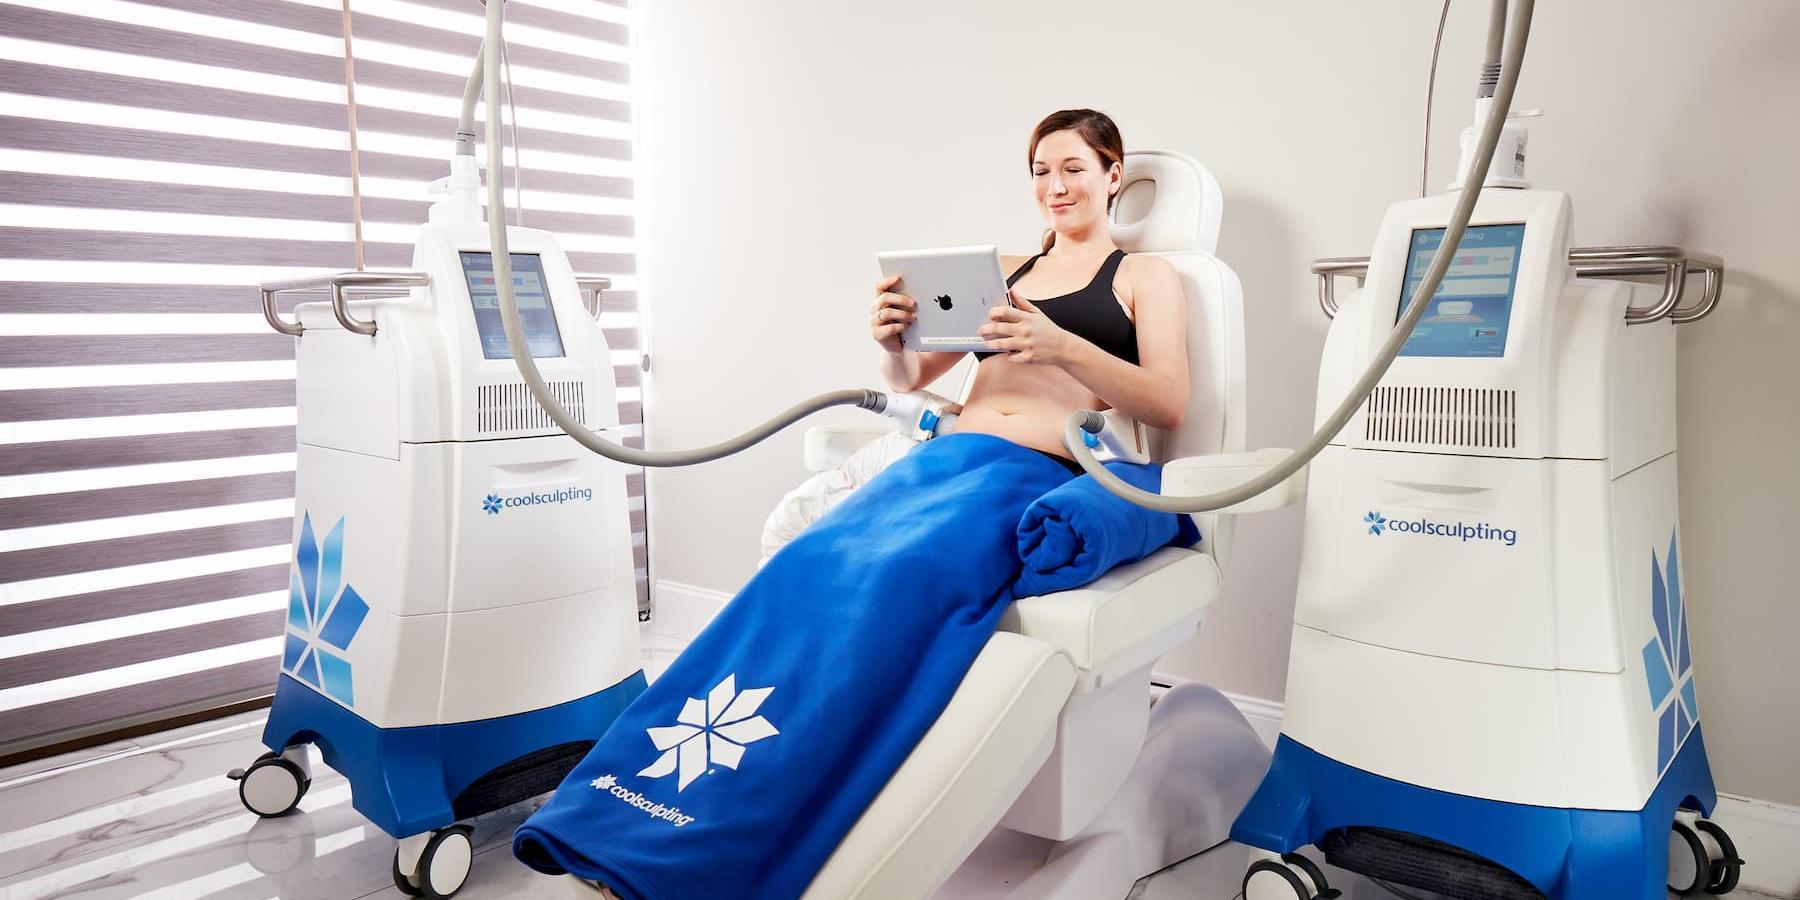 Woman receiving Coolsculpting treatment